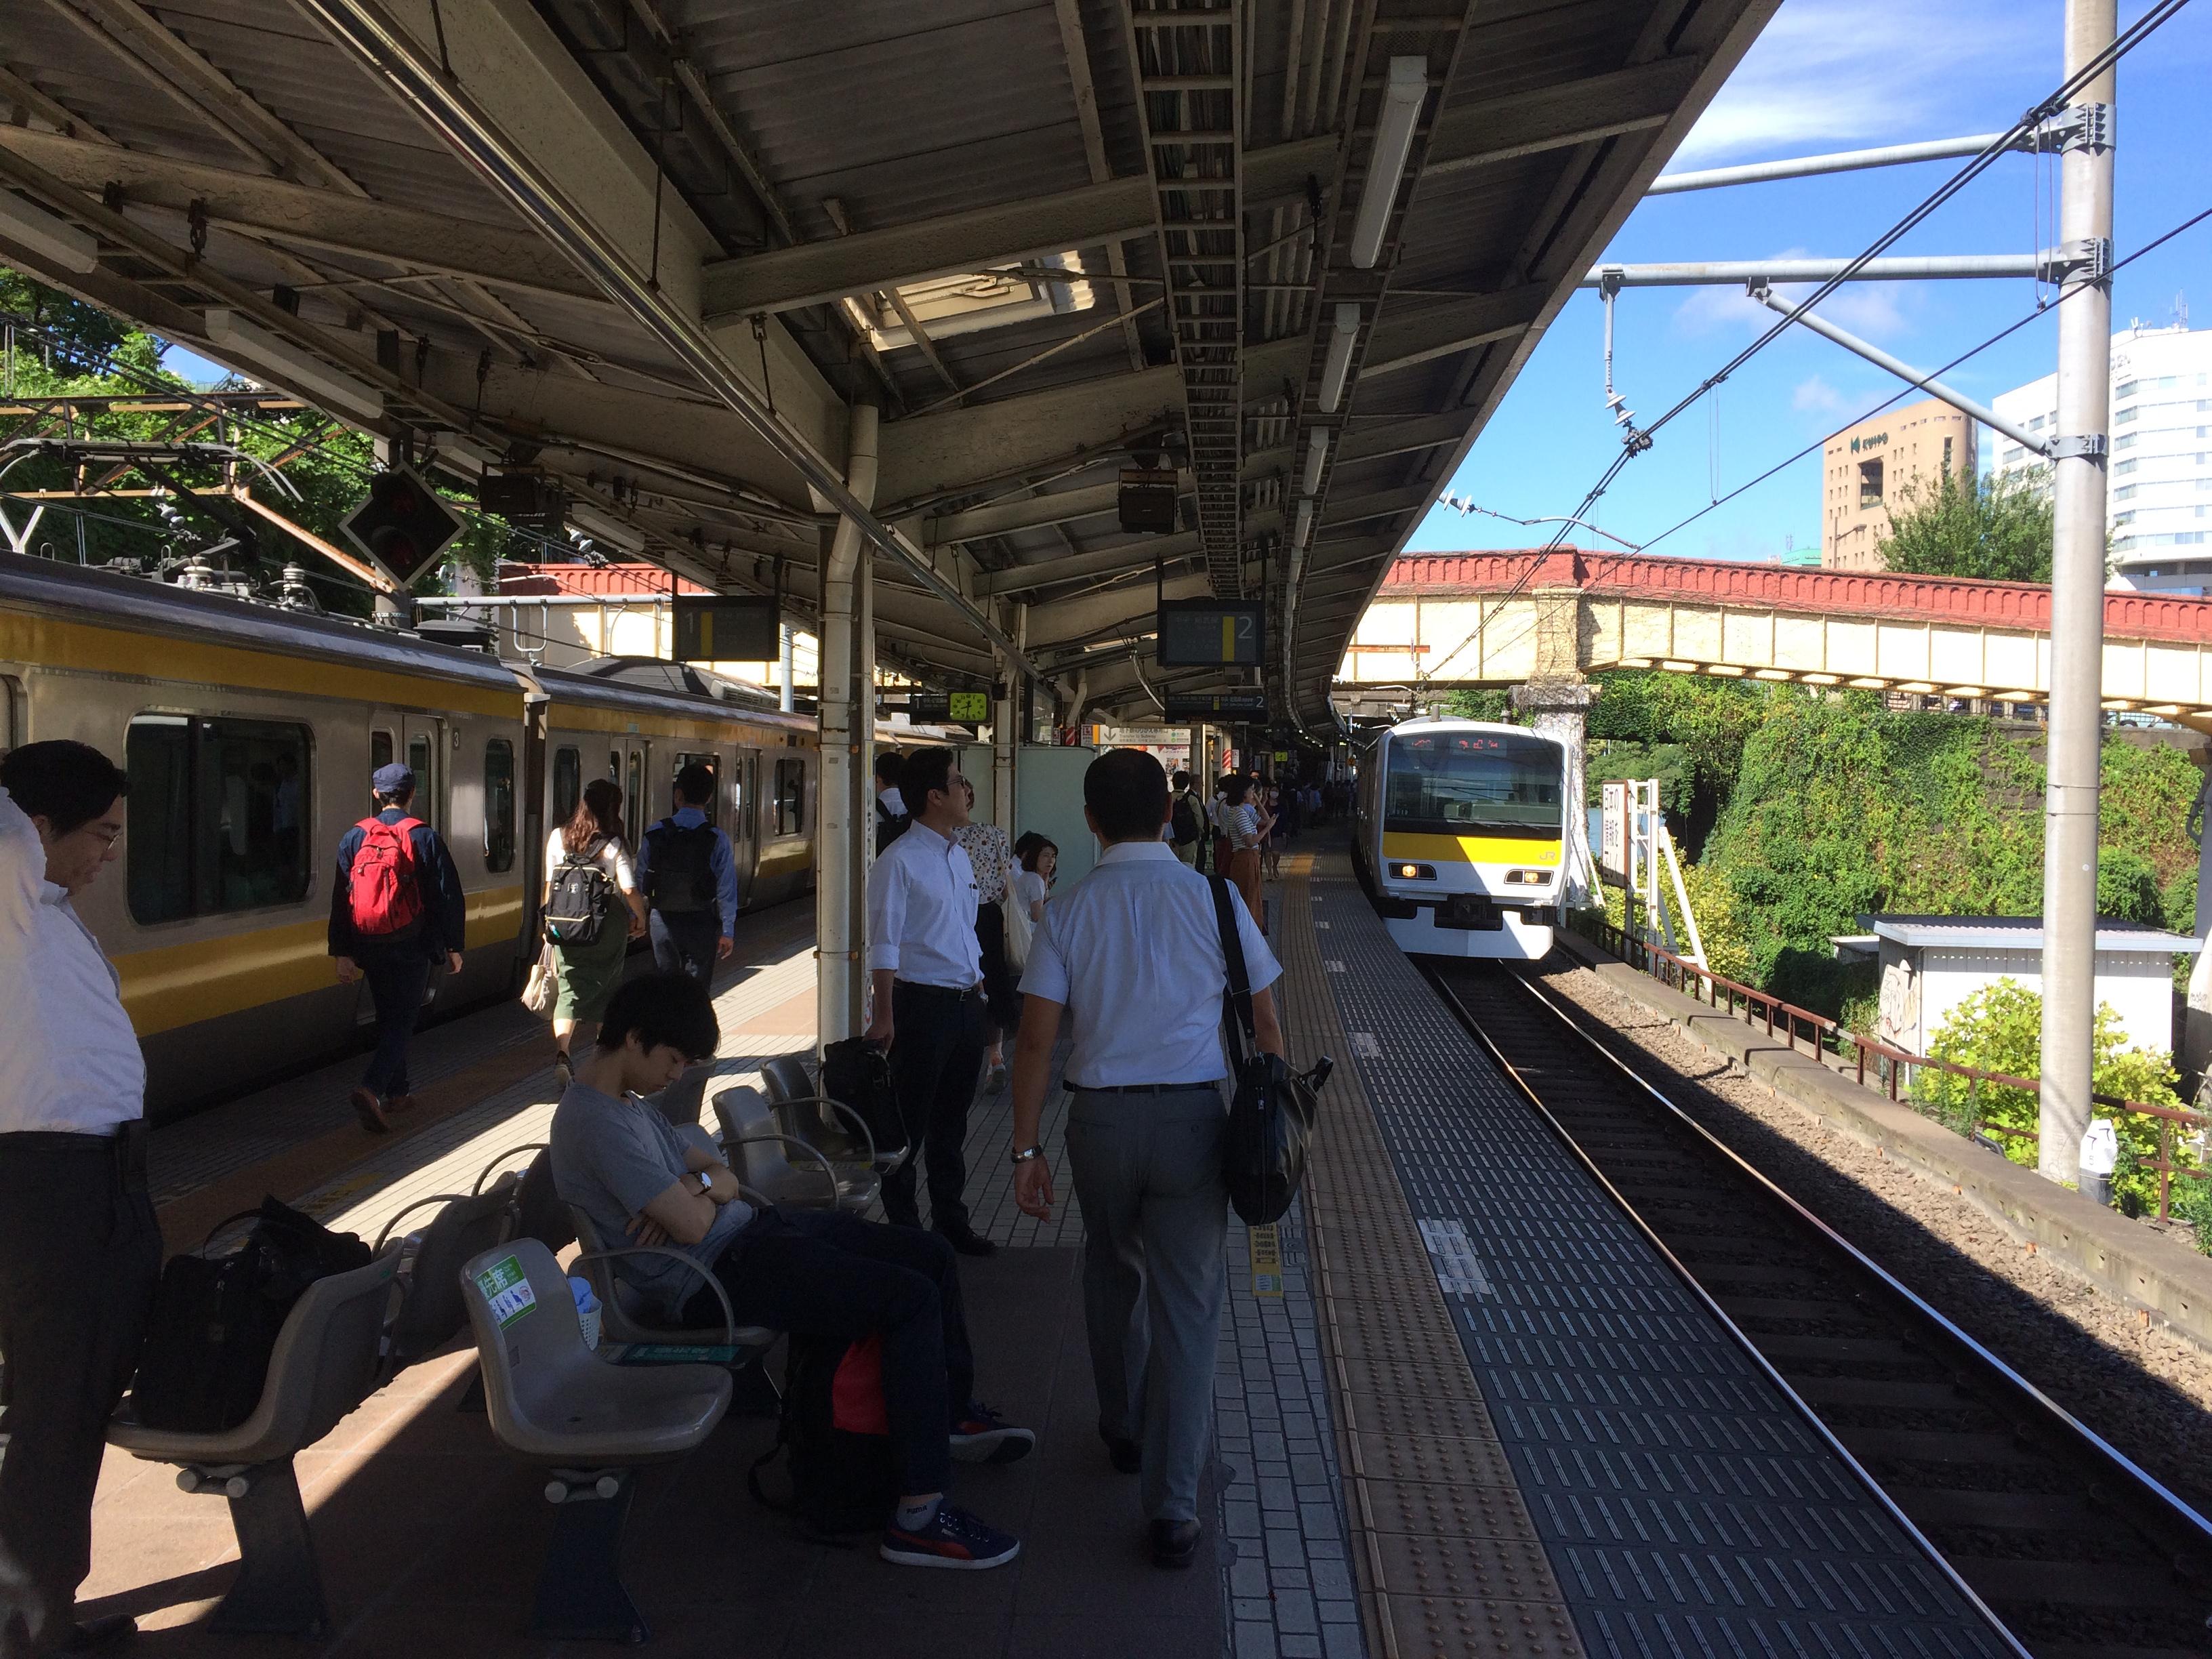 Japón, mucho calor!! entrando a verano【Español】